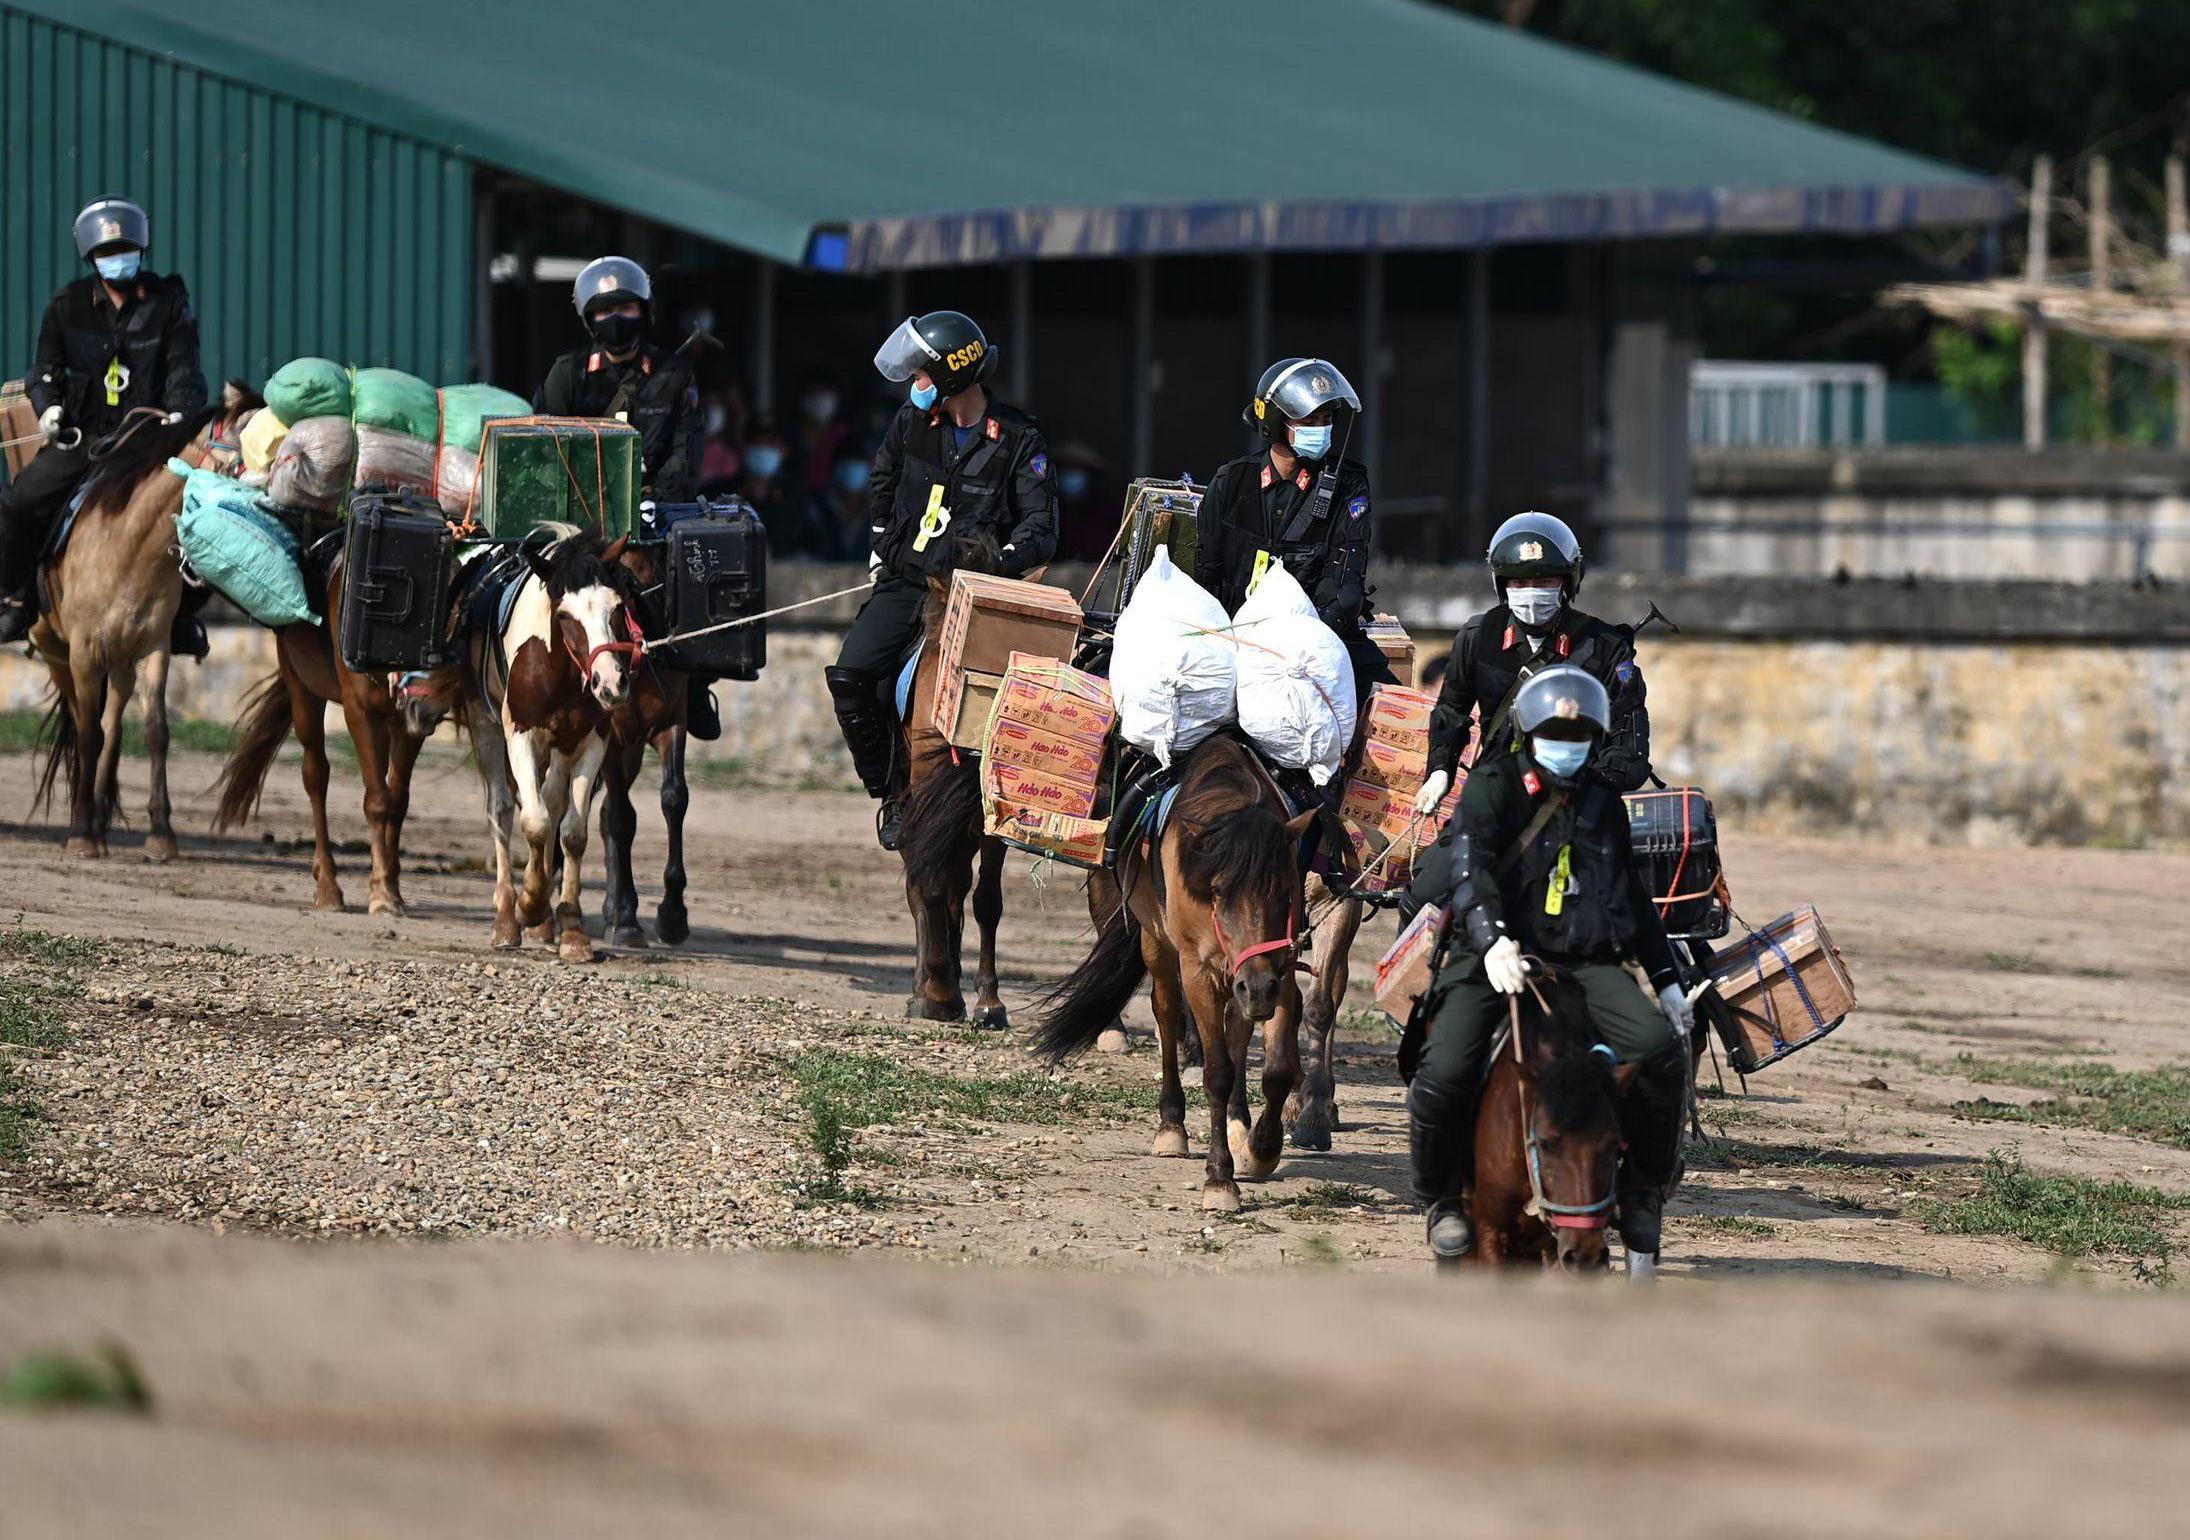 Cảnh sát Cơ động kỵ binh ngày một thuần thục kỹ năng nghiệp vụ - Ảnh 7.